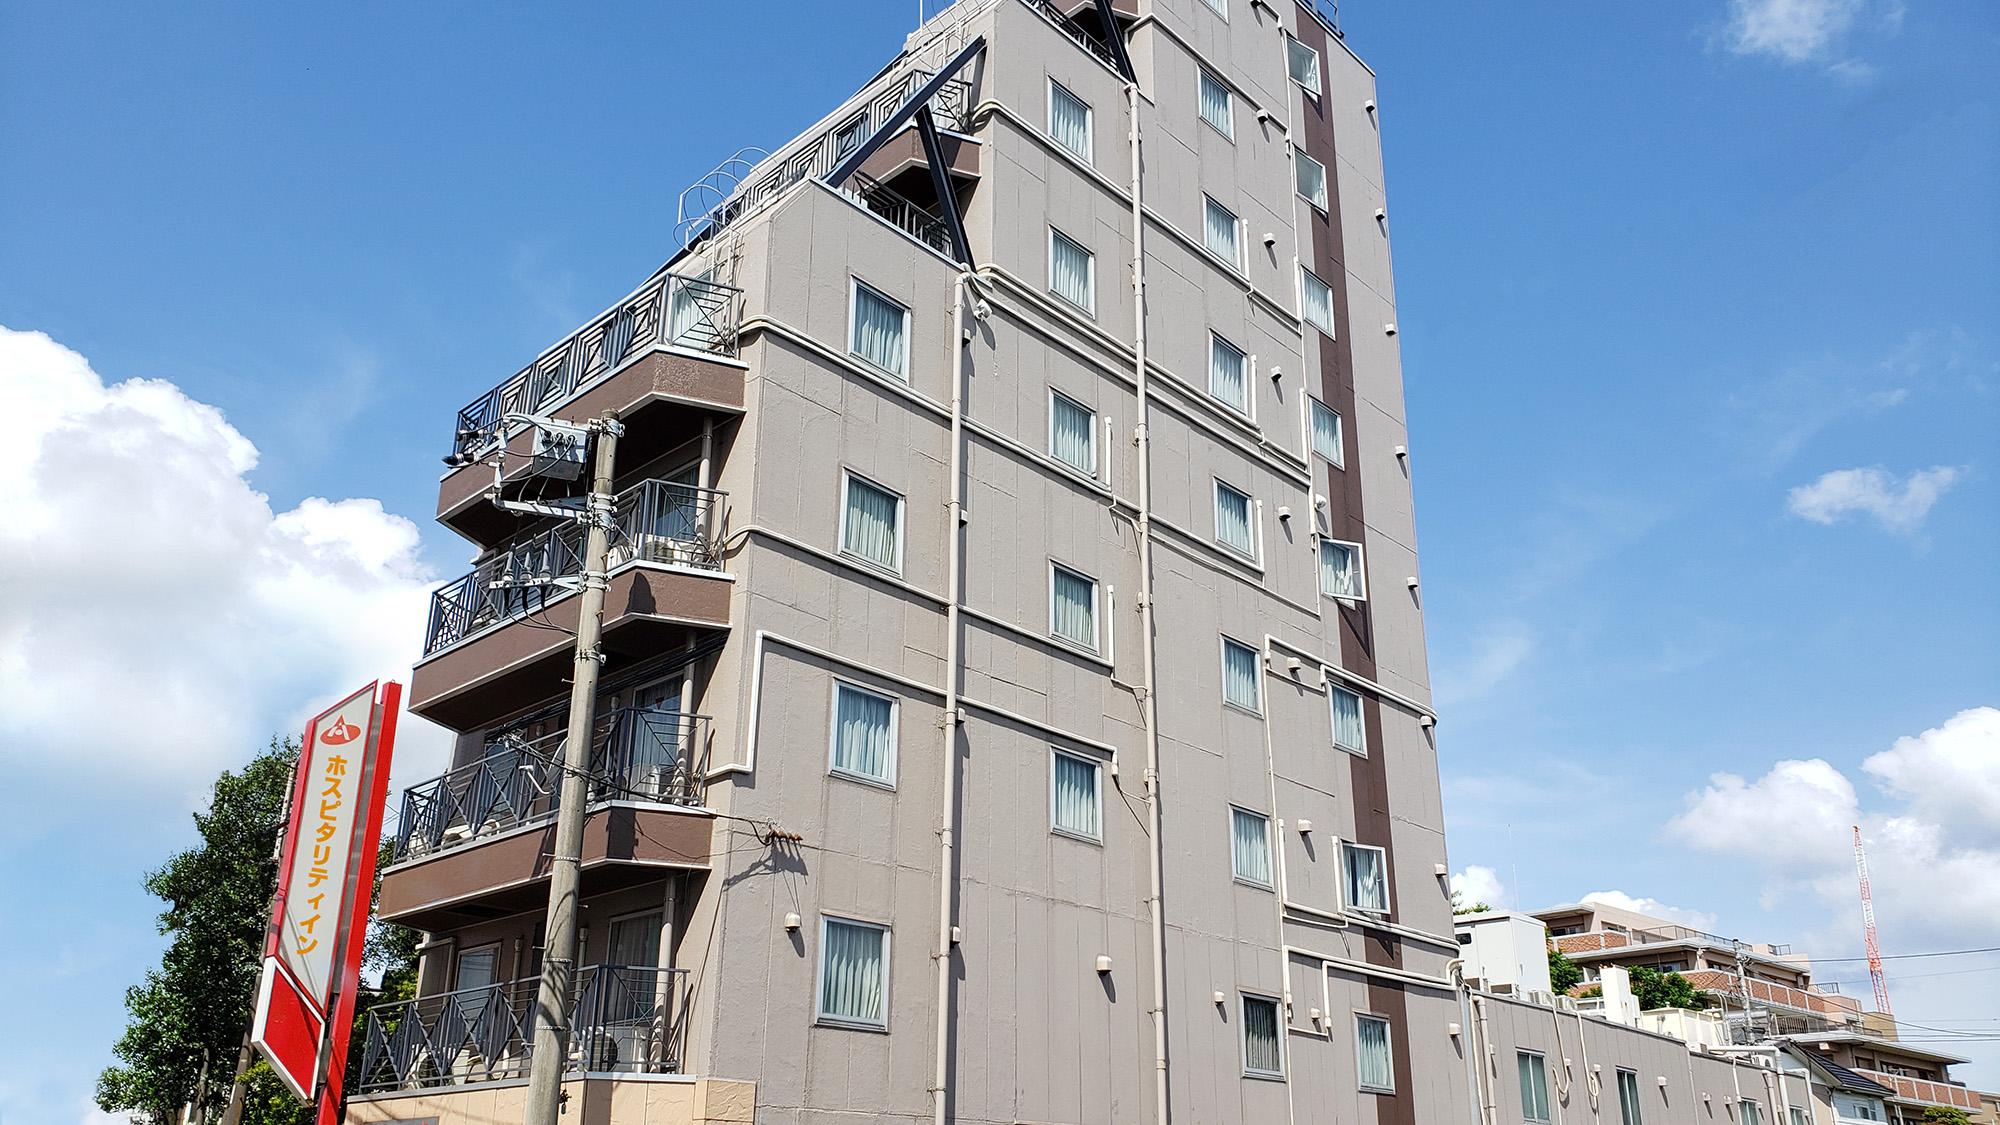 ホスピタリティ イン 八幡宿◆楽天トラベル